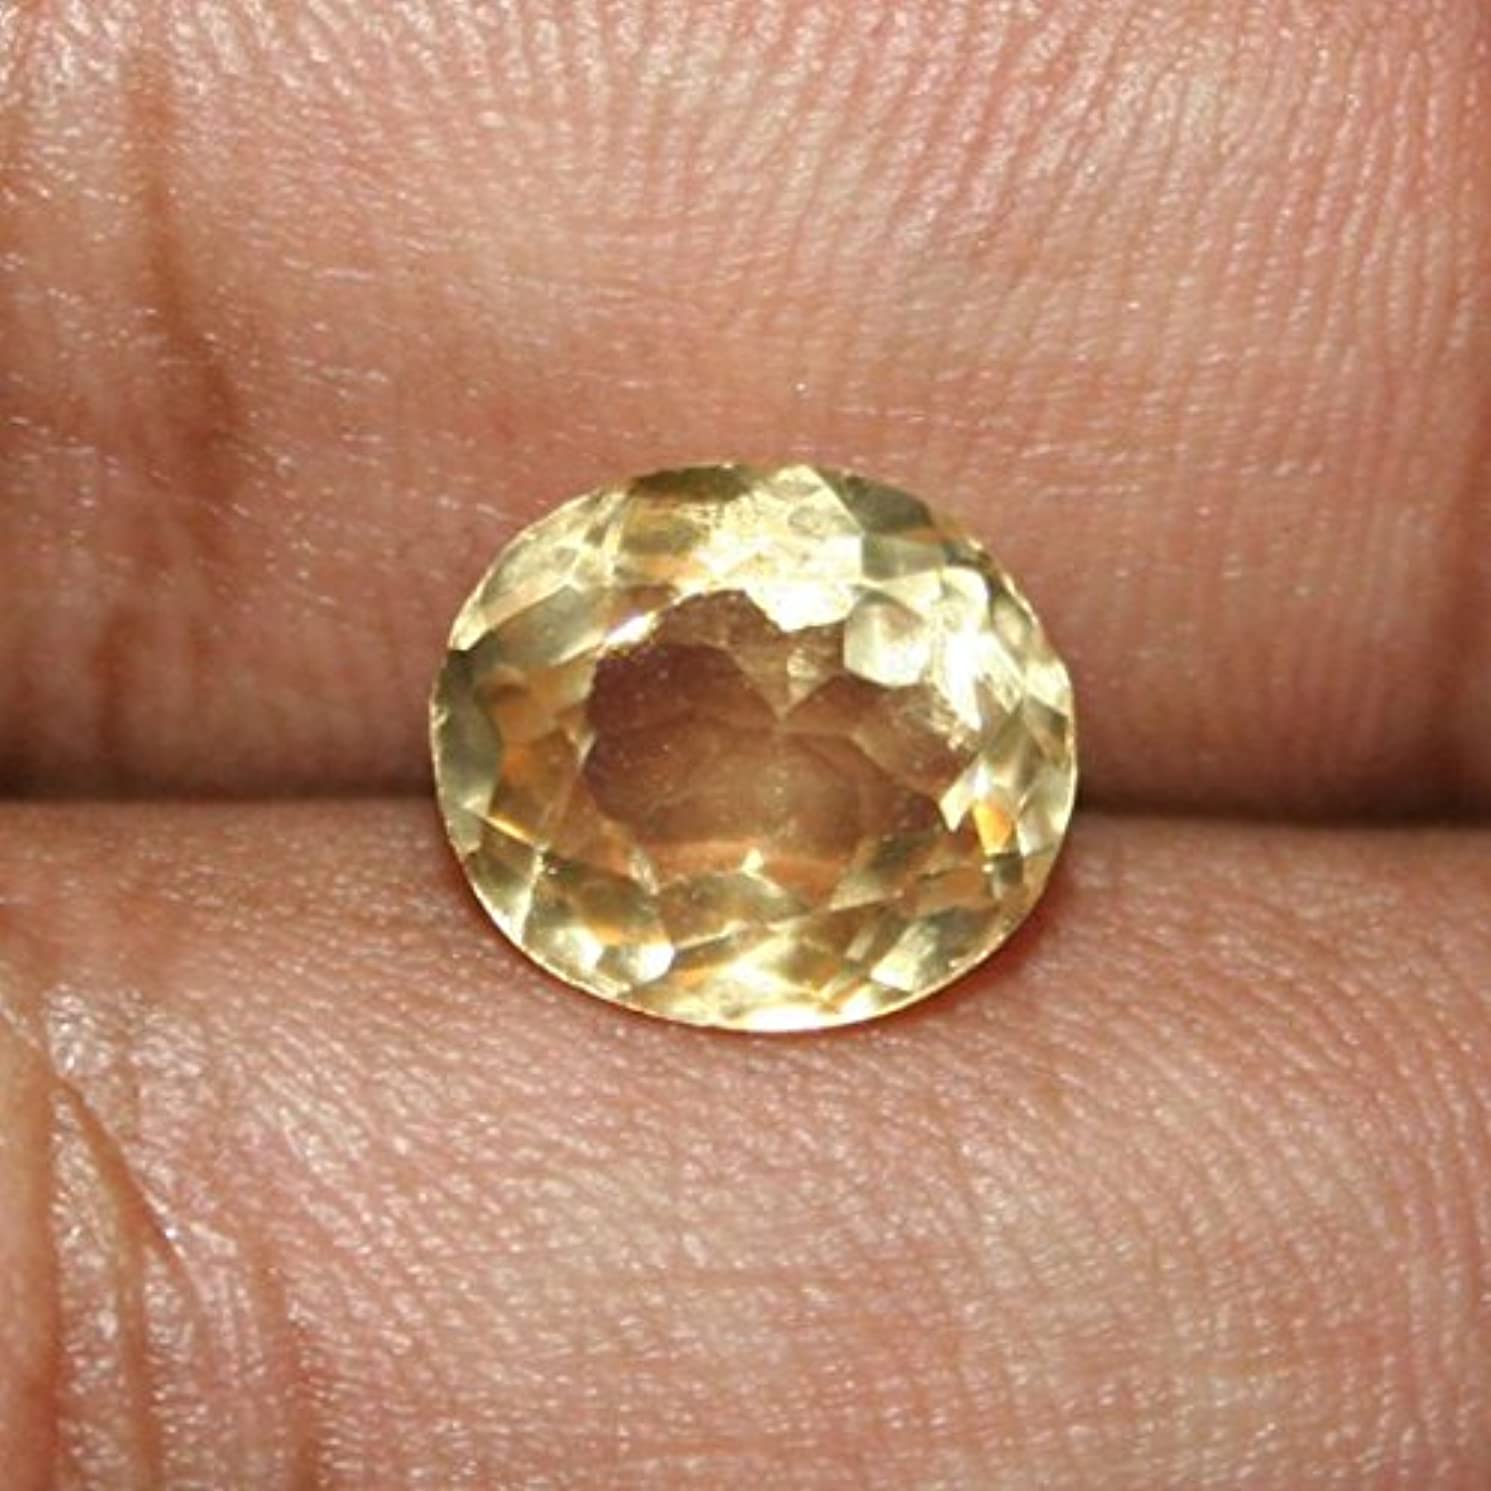 リスナー戦争ヒギンズシトリン原石Certified Natural sunelaストーン8.8カラットby gemselect